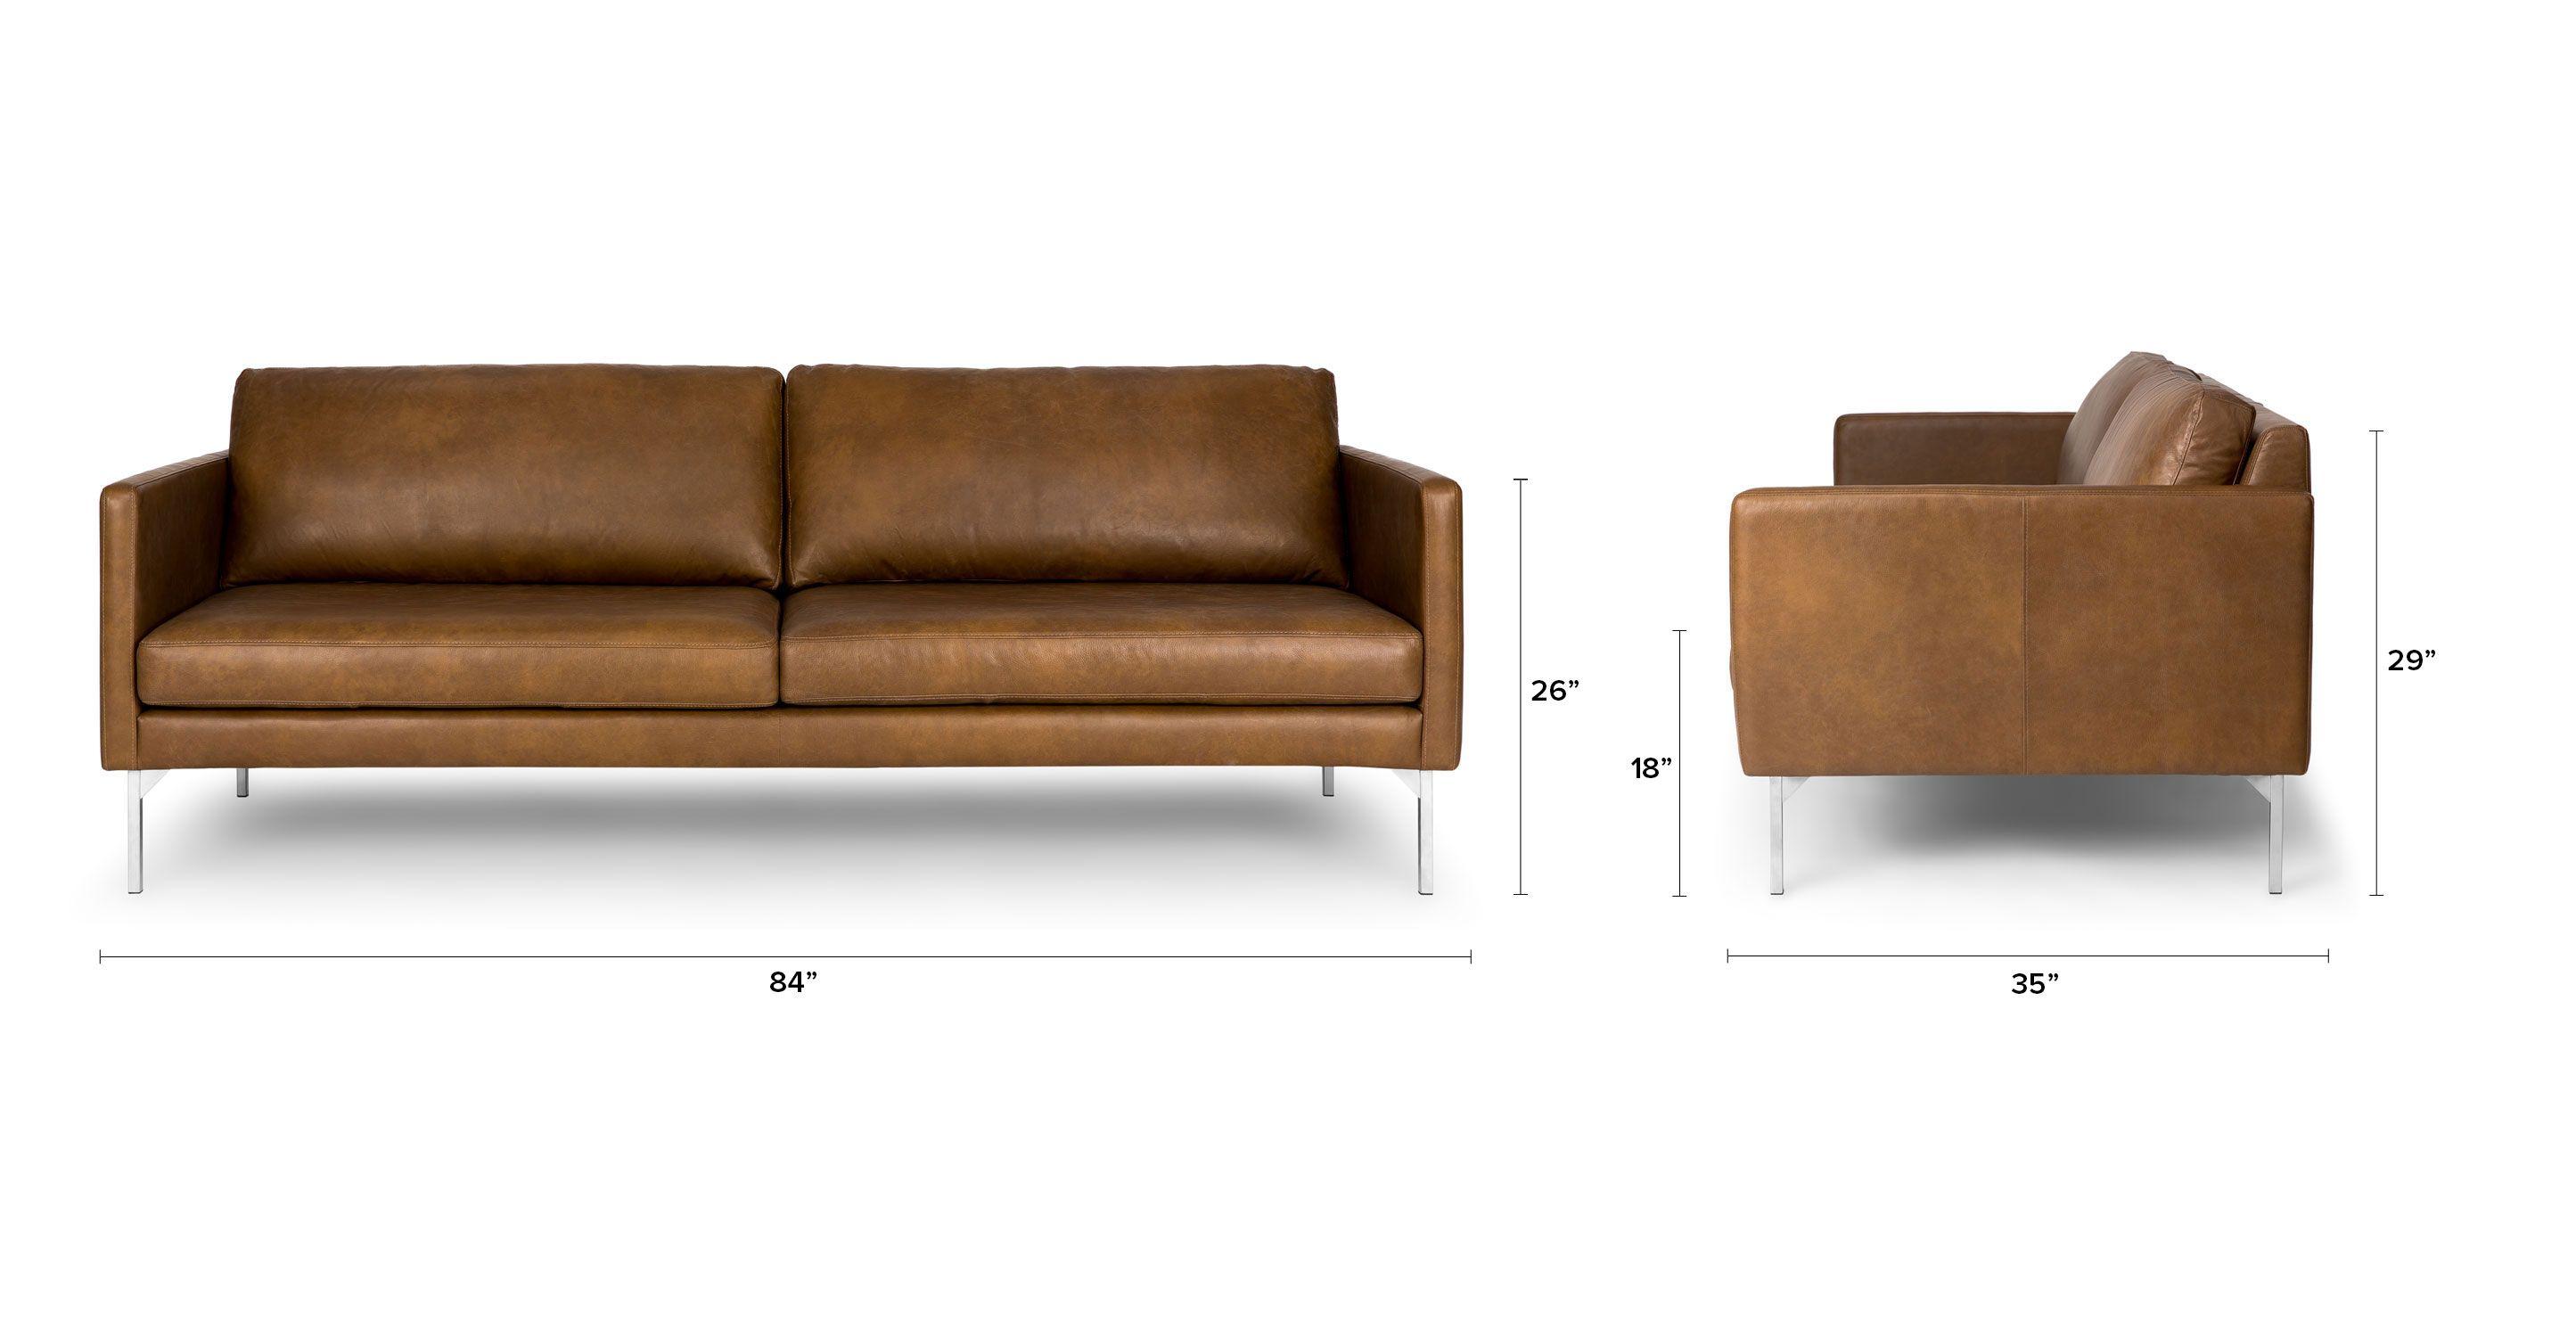 Echo Oxford Tan Sofa Tan Sofa Sofa Leather Sofa